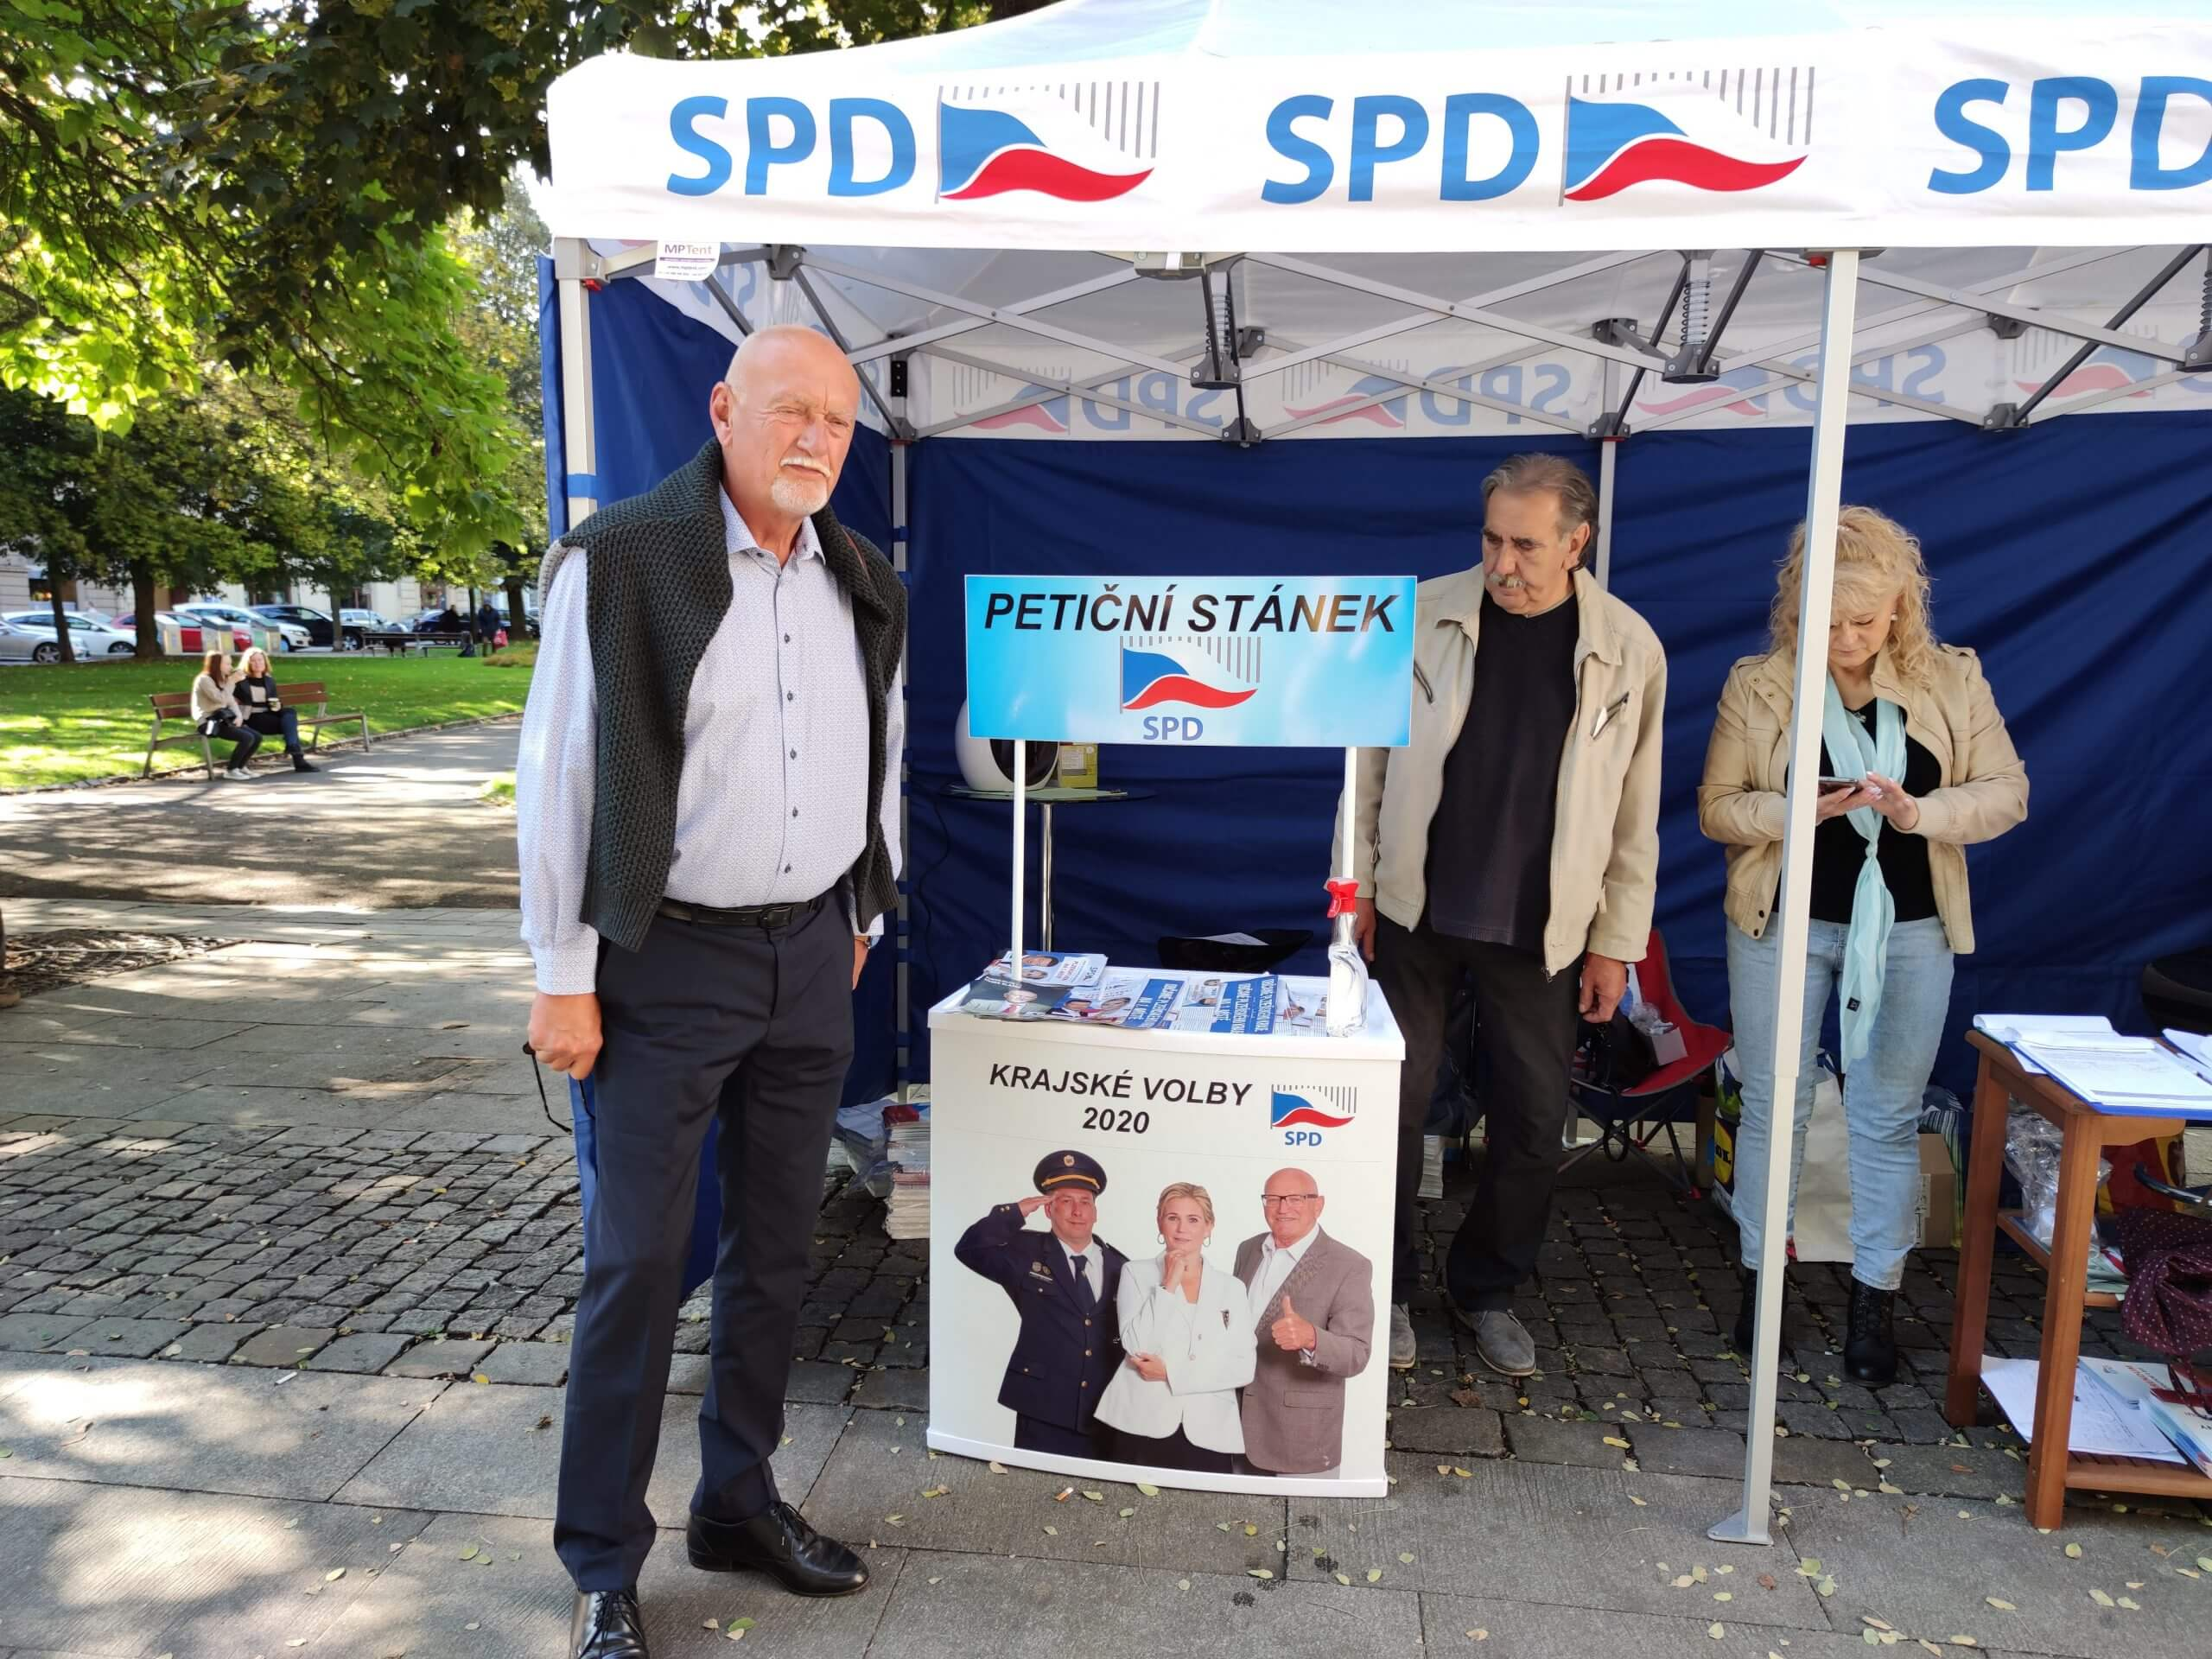 SPD stánek Plzeň